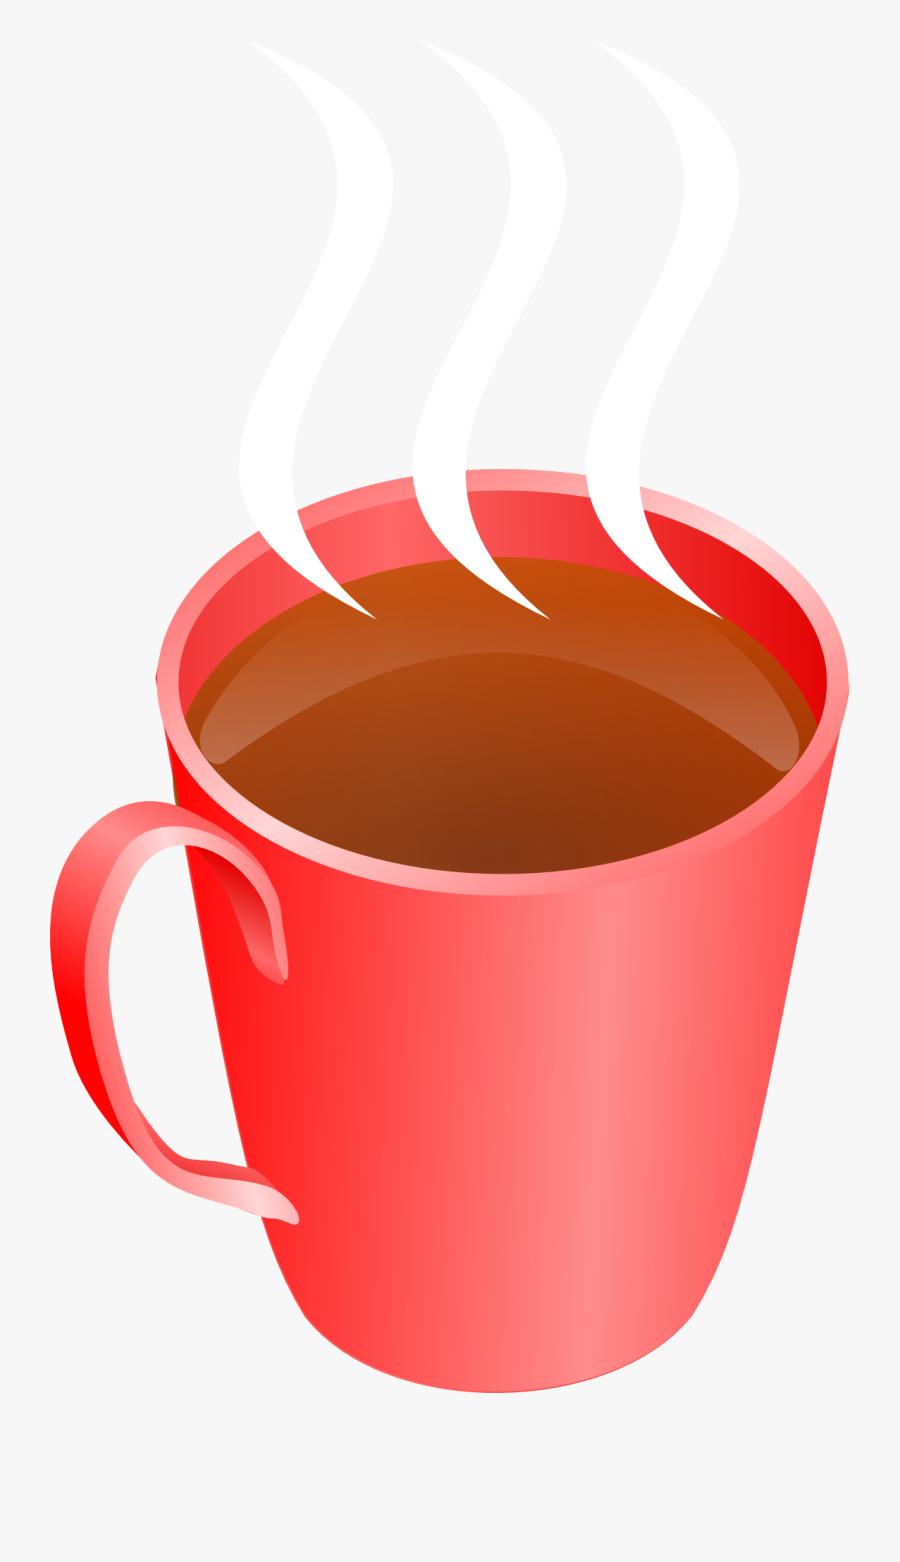 Clip Royalty Free Hot Chocolate Mug Clipart - Hot Chocolate Clipart Png, Transparent Clipart